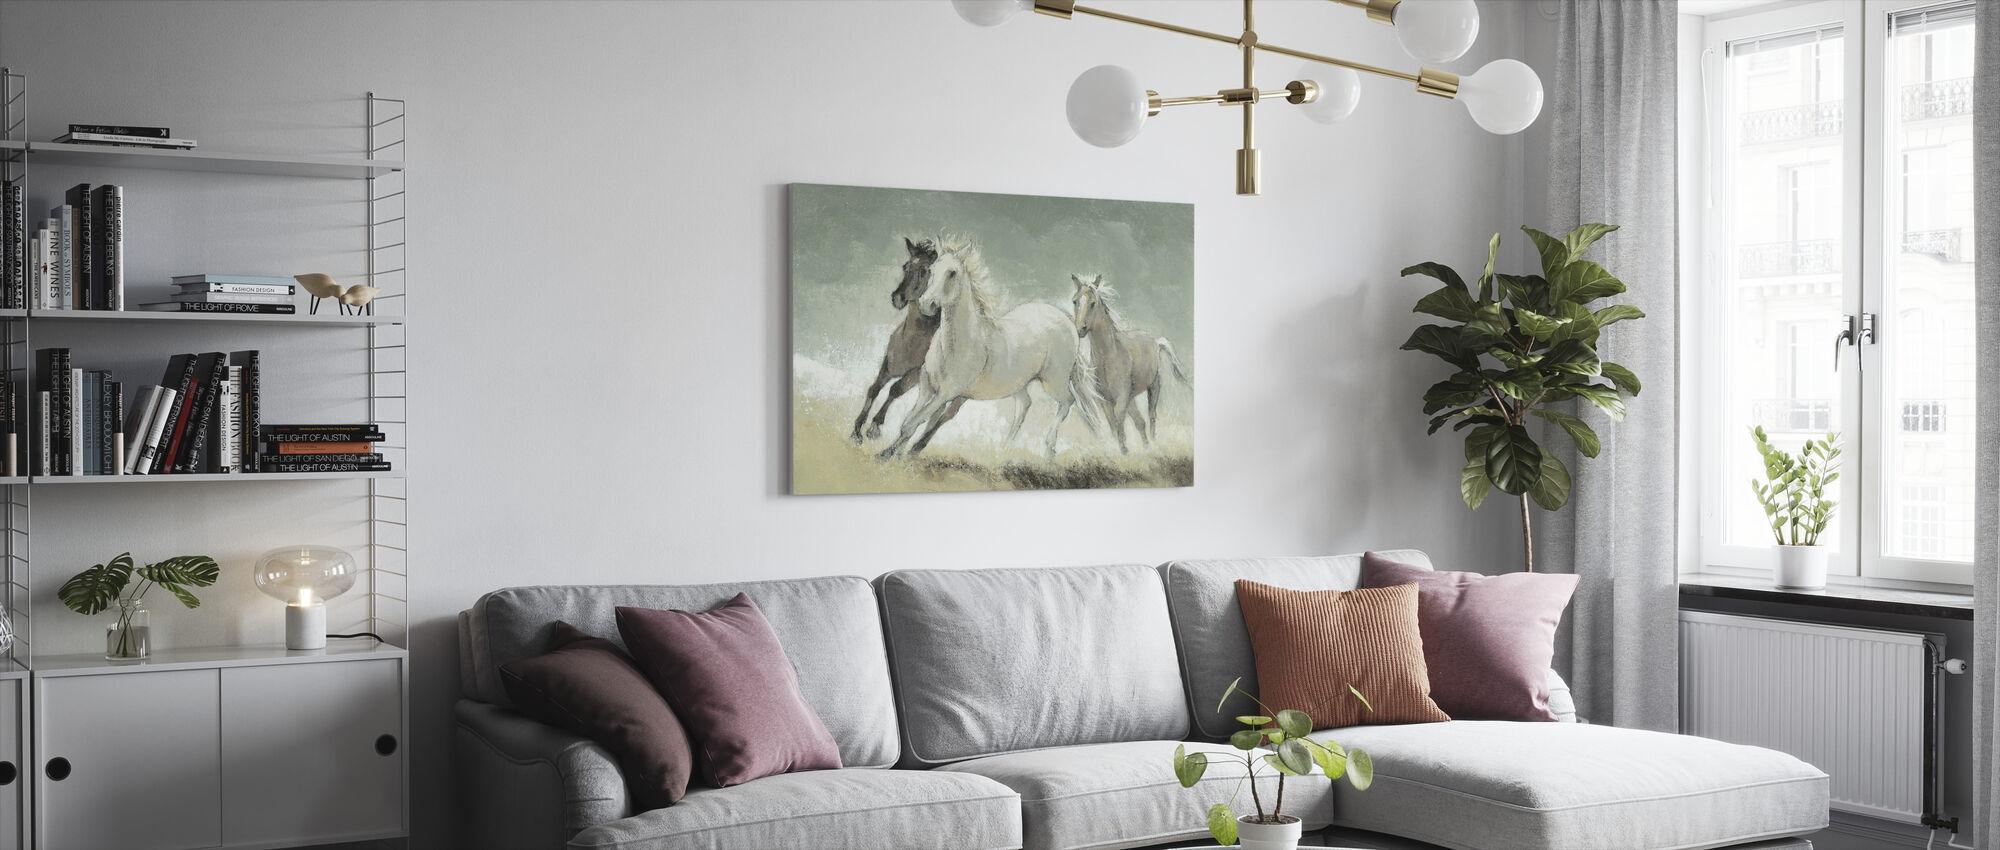 Hästar Galopperande - Canvastavla - Vardagsrum